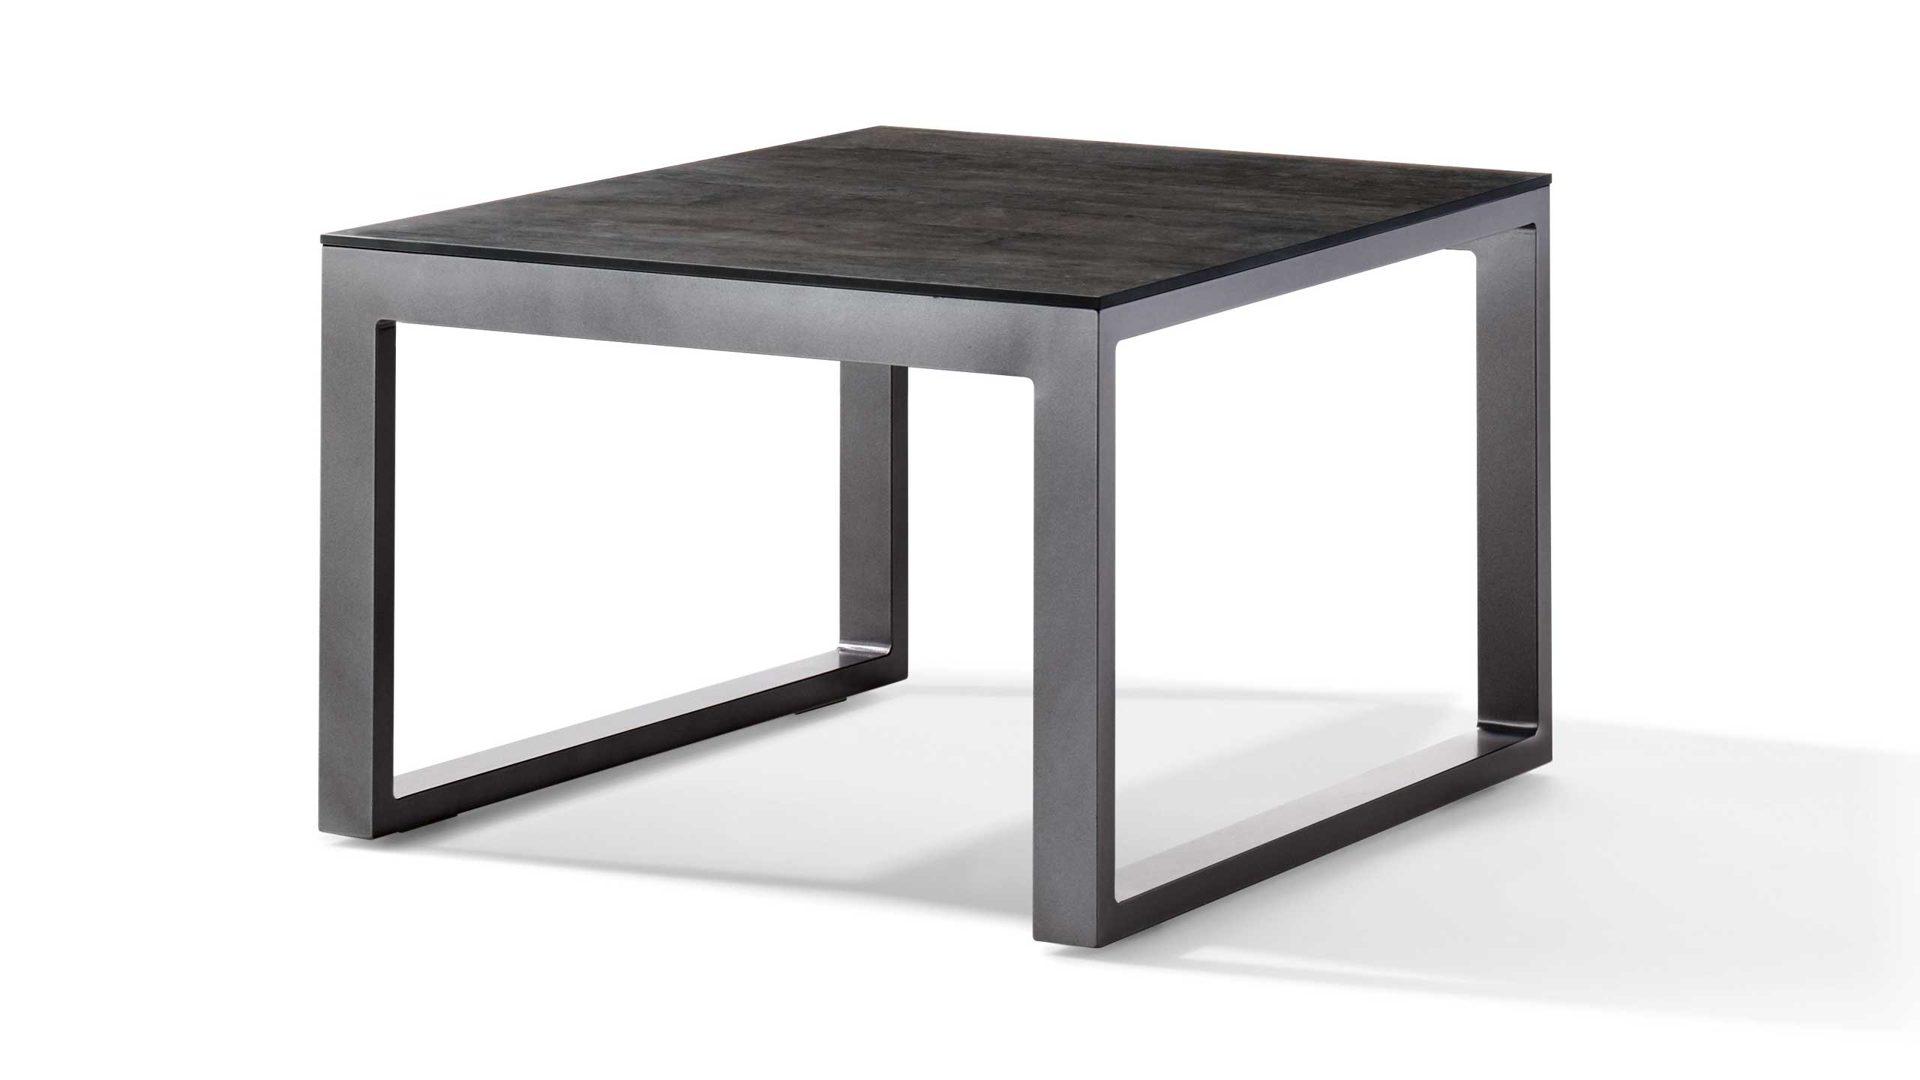 Sieger Exclusiv Loungetisch Tisch Havanna Gartentisch 630 G Gestell